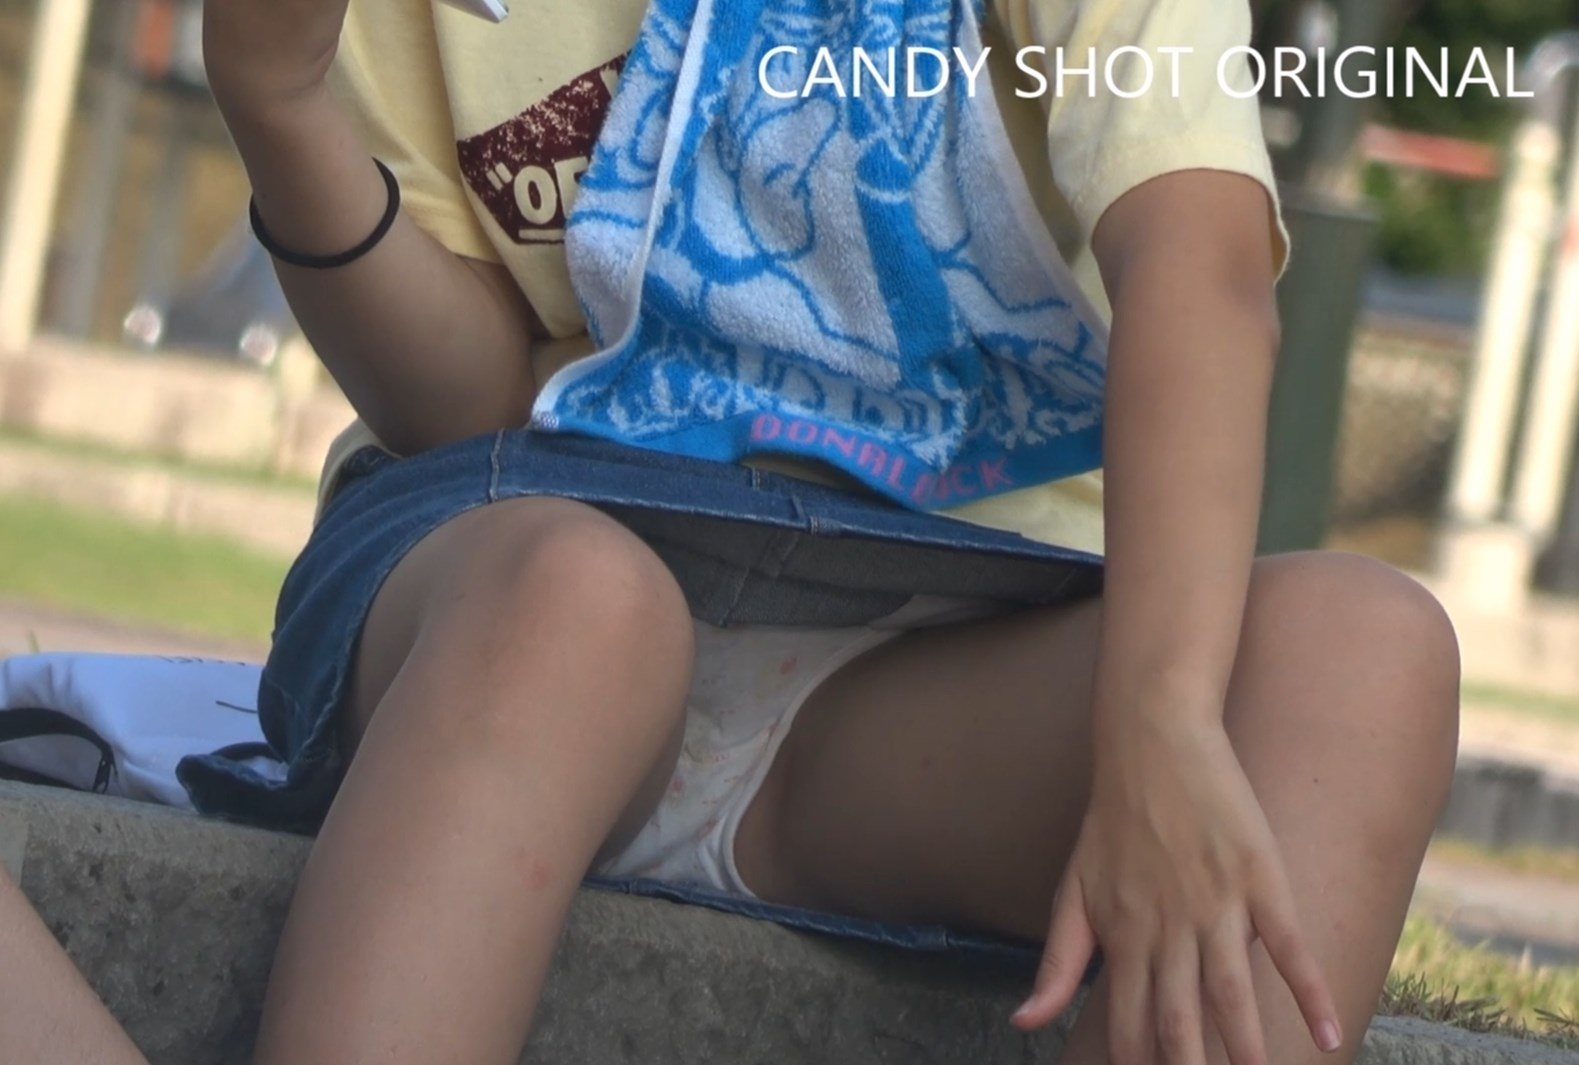 傑作!穿き古したシミ付き綿ぱんつから陰毛が透けちゃってるCUTE美少女の座りパンチラ映像:キャンディーショット